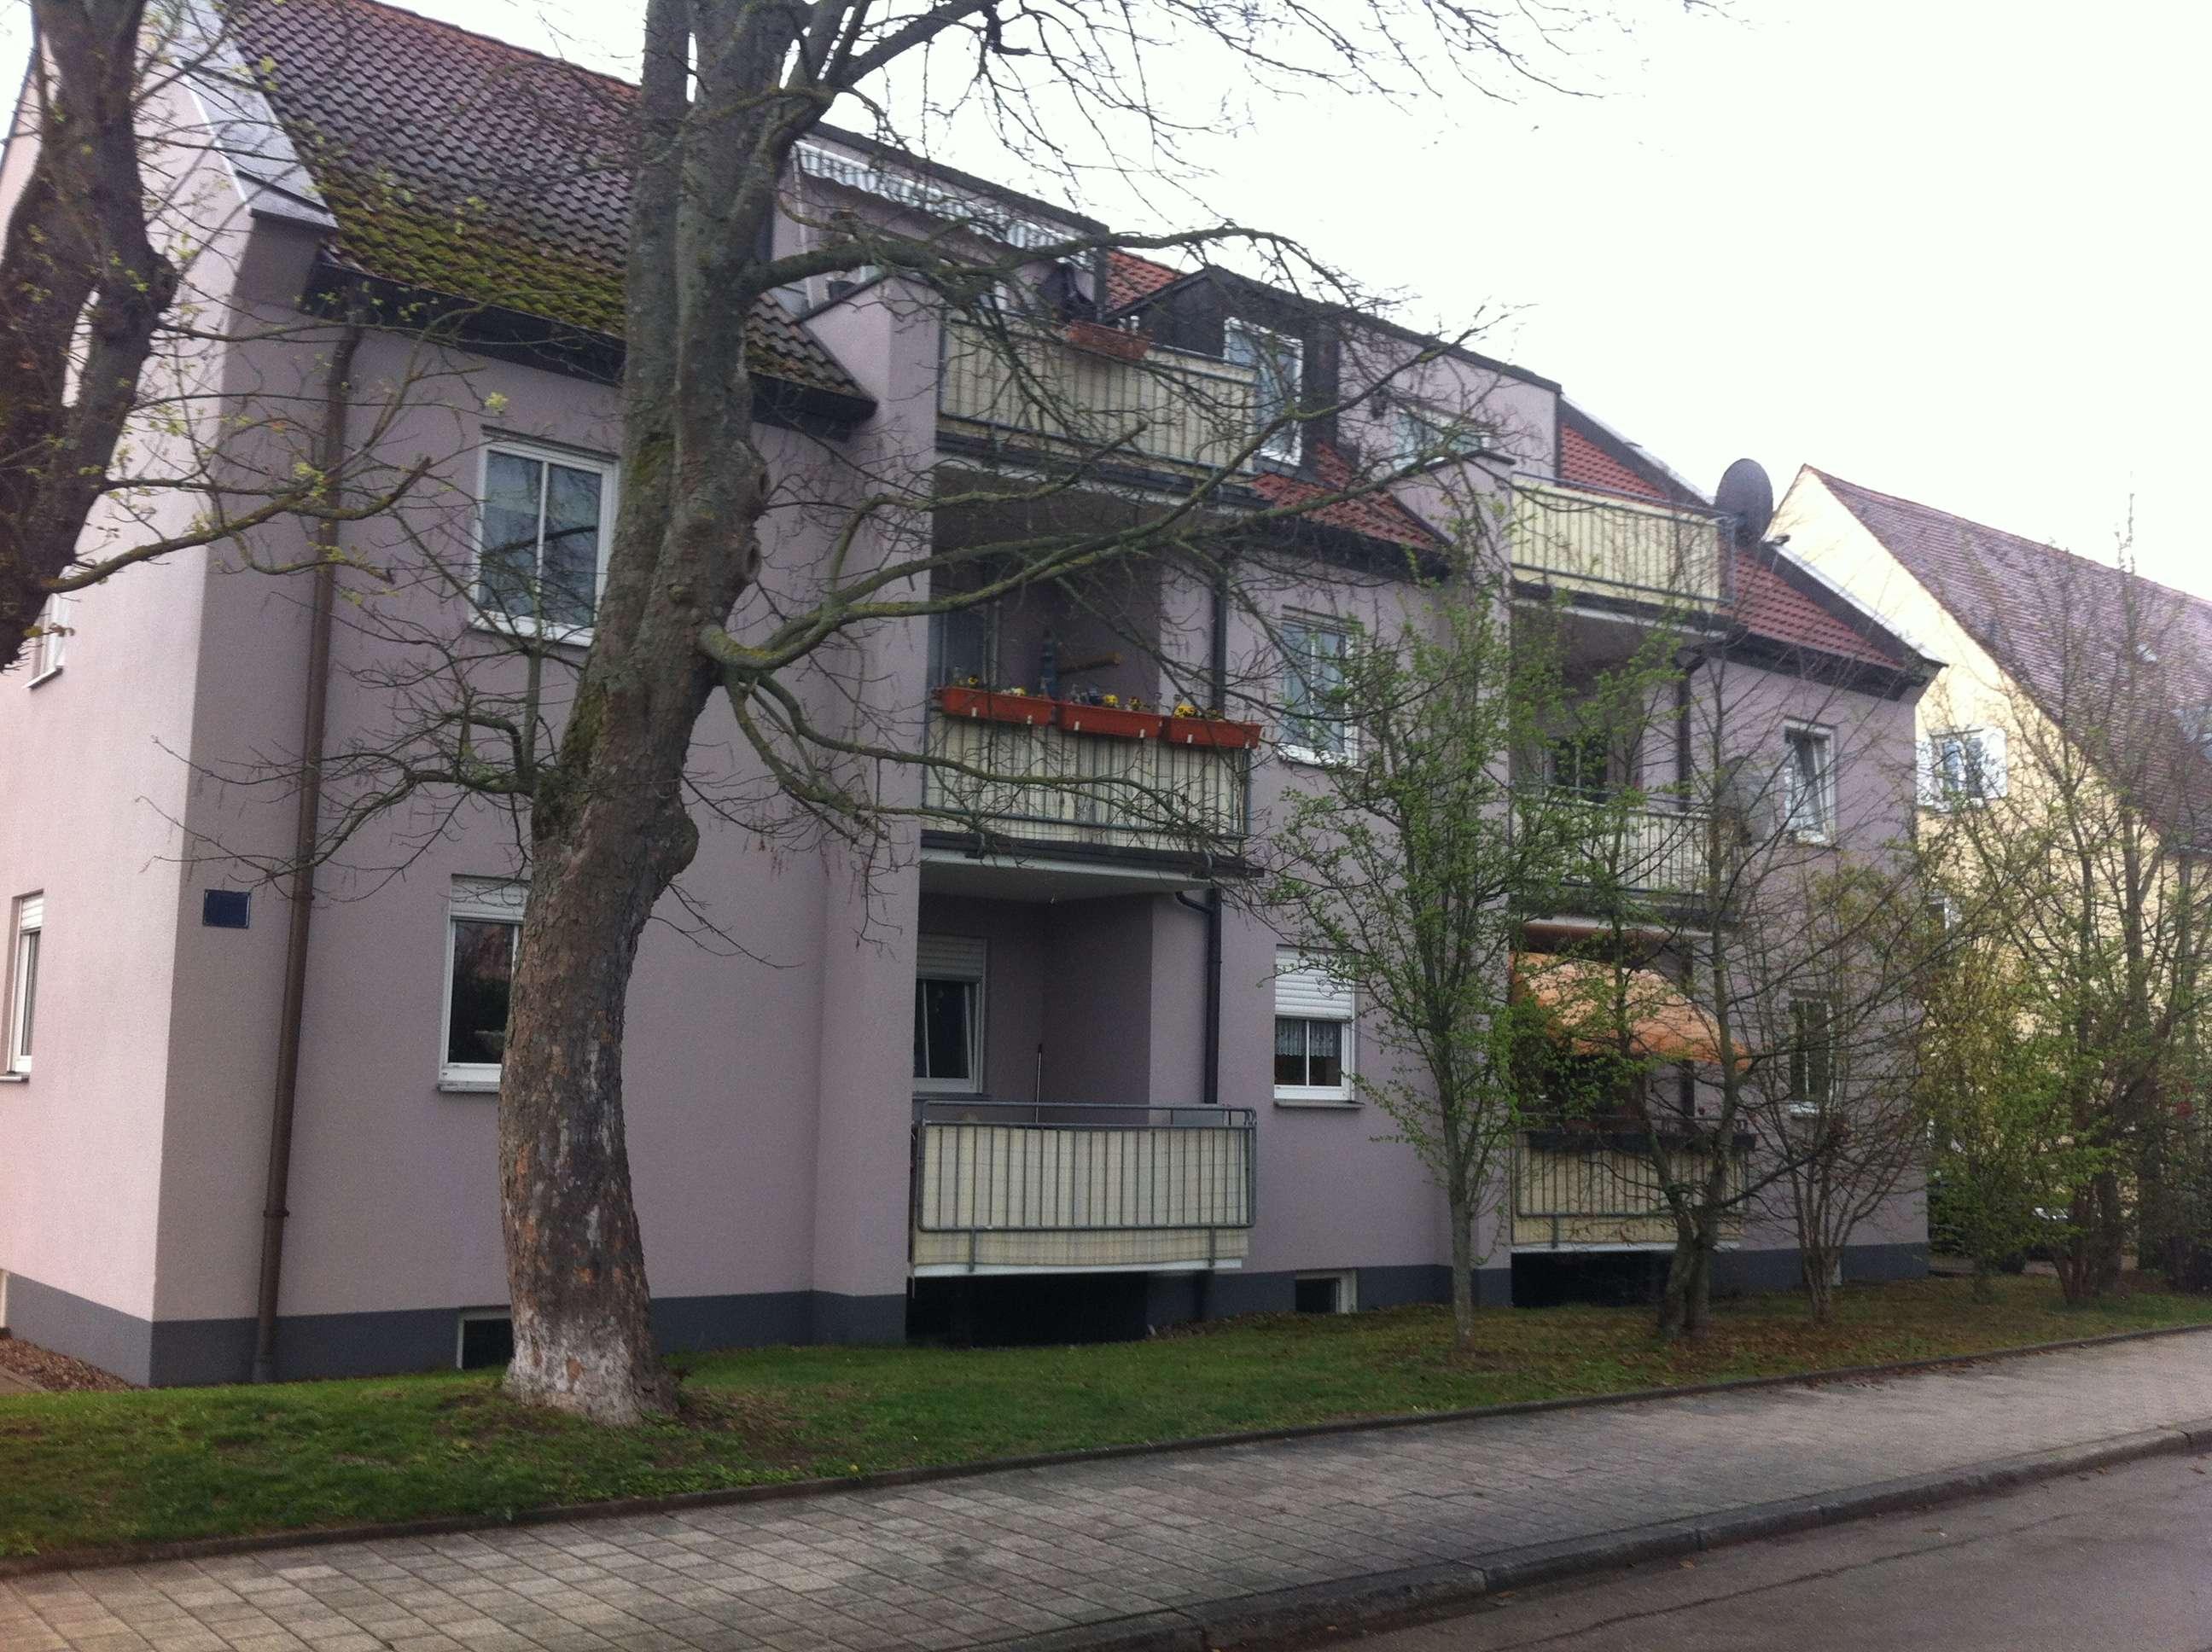 Schöne Dachgeschosswohnung in Ingolstadt, Südost in Südost (Ingolstadt)